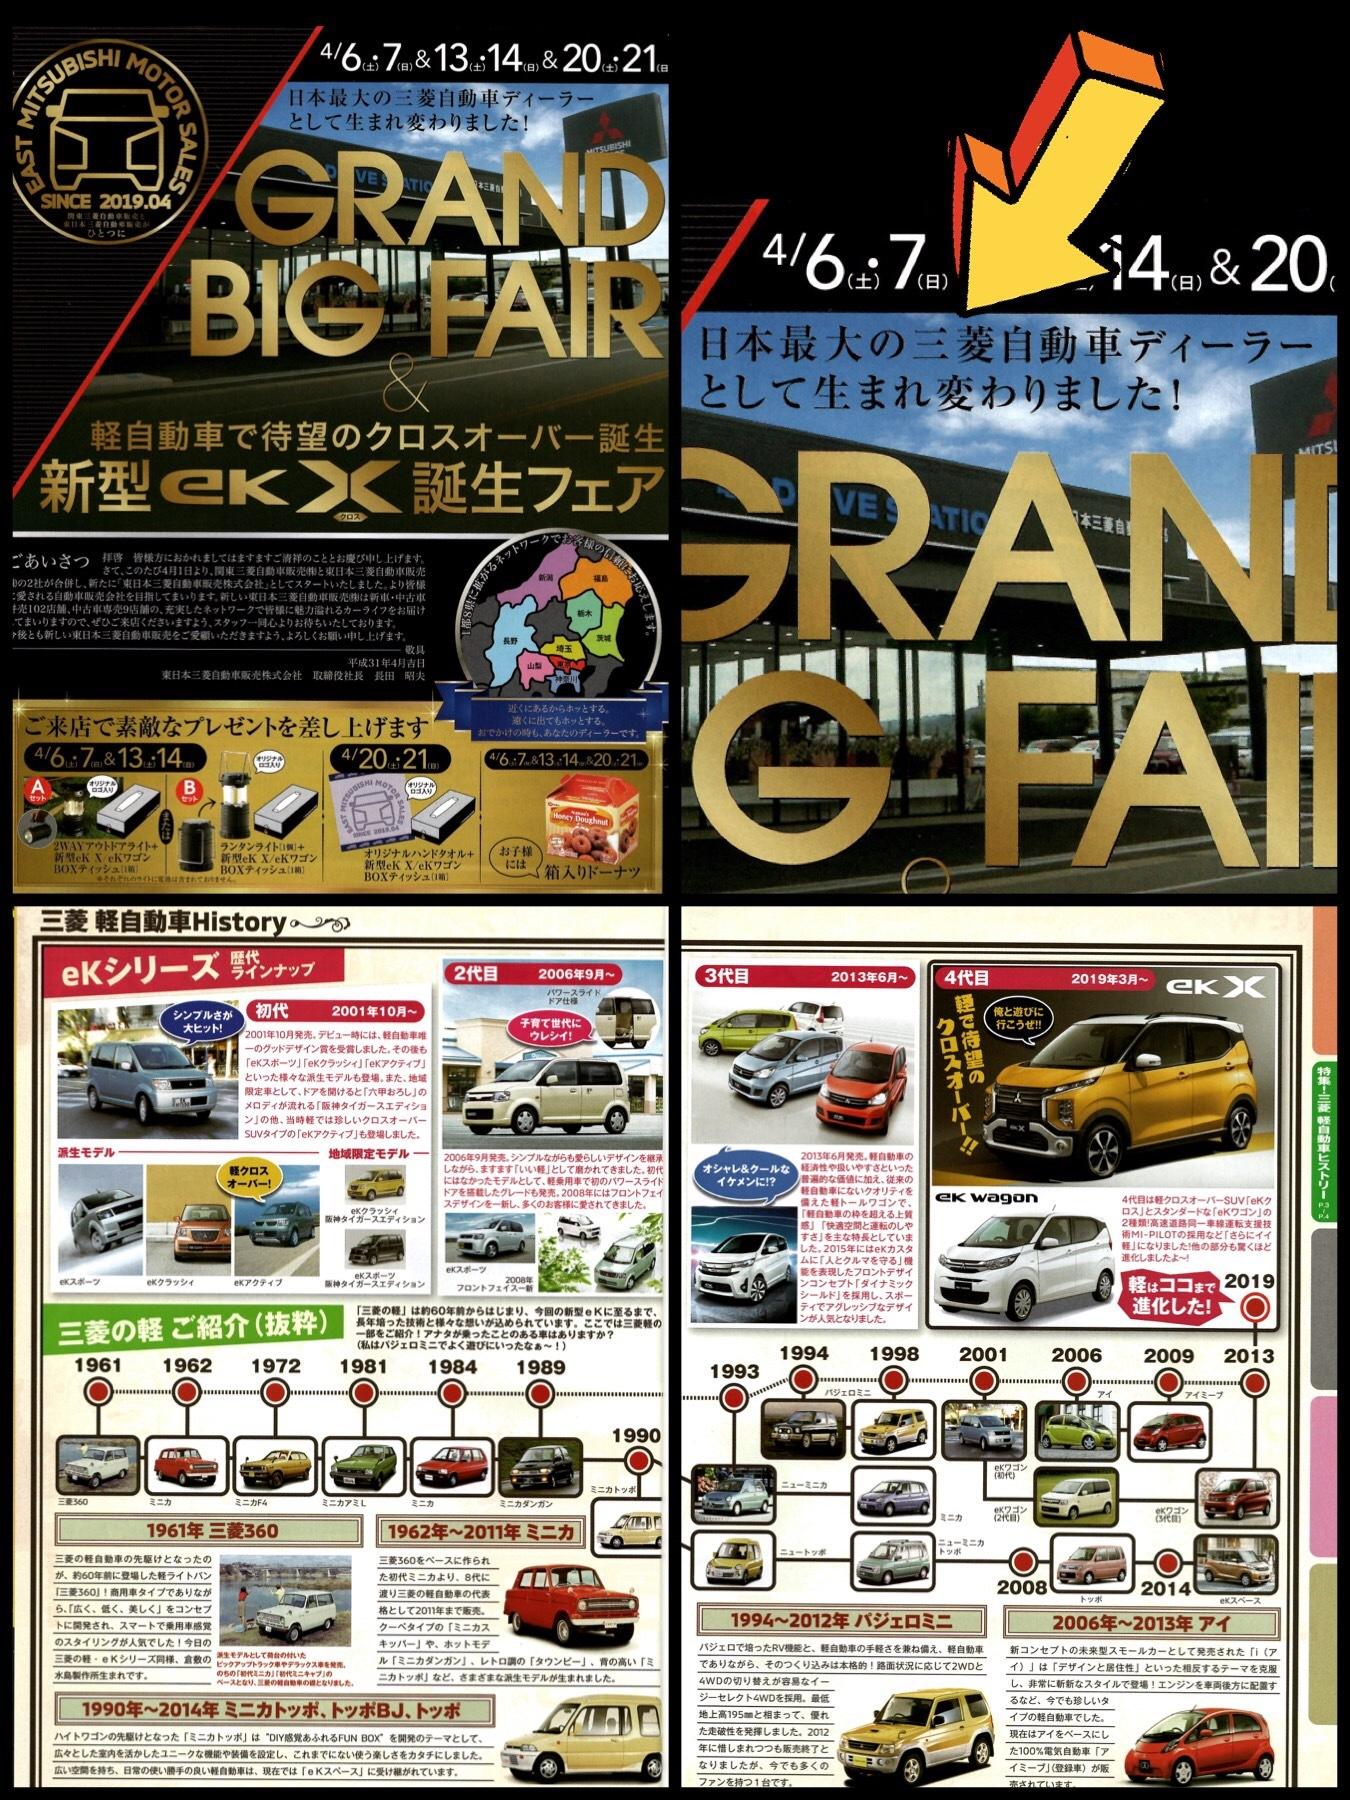 東関東三菱のチラシ 軽自動車の歴史